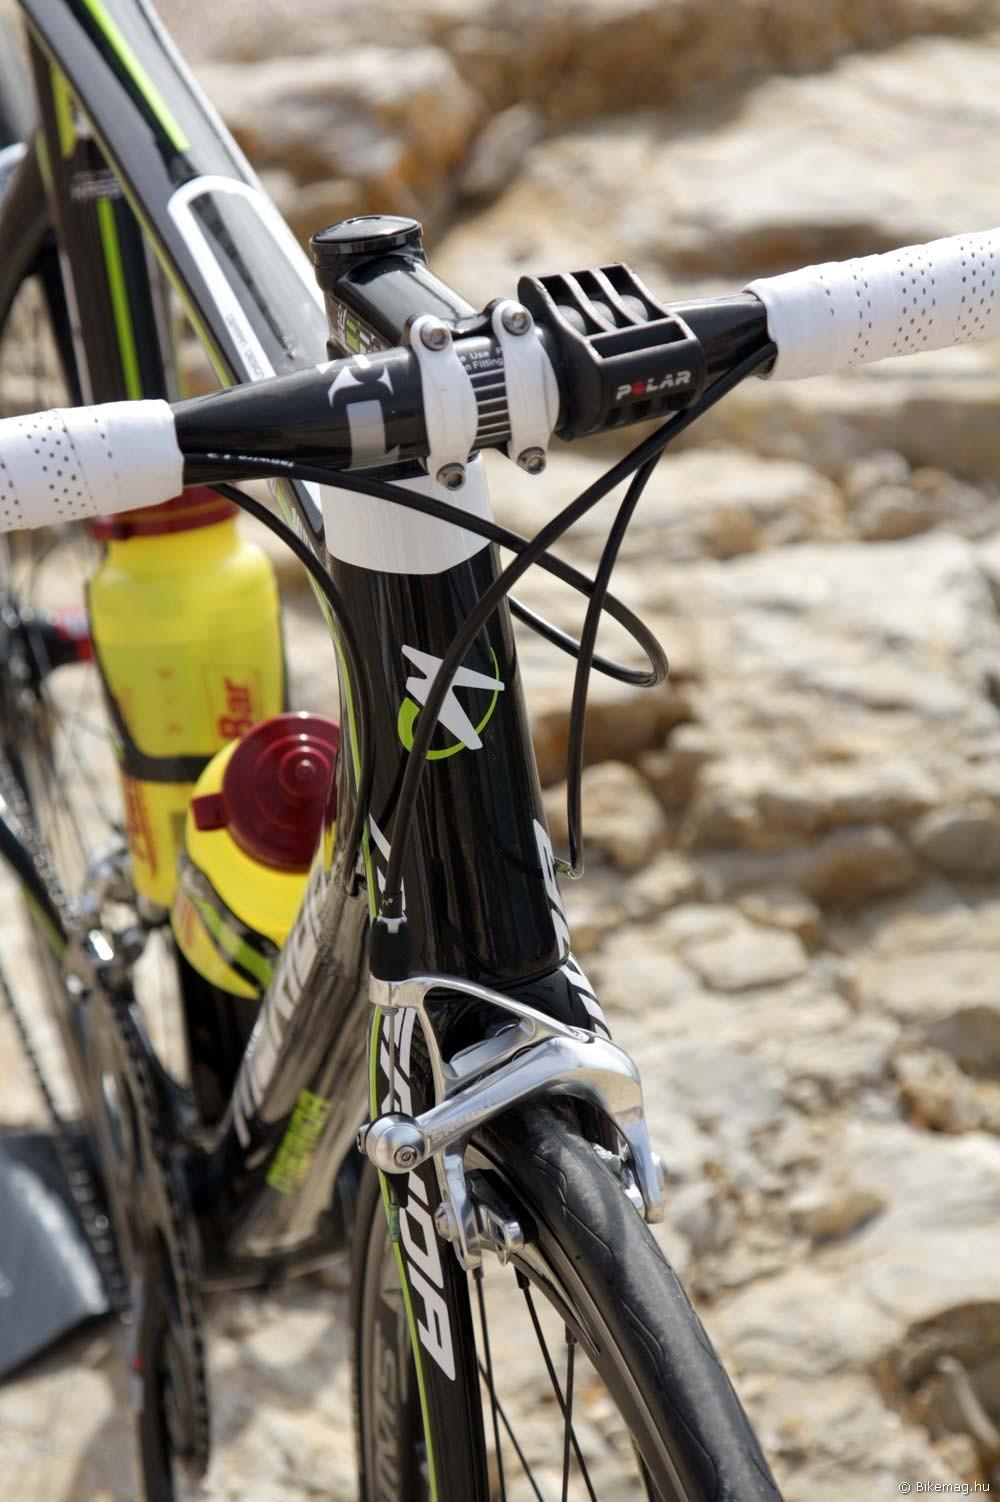 Merida Reacto Team 2012 kerékpárteszt: a kúpos fejcsőnek köszönhetően a fejcső merevségére nem lehet panasz